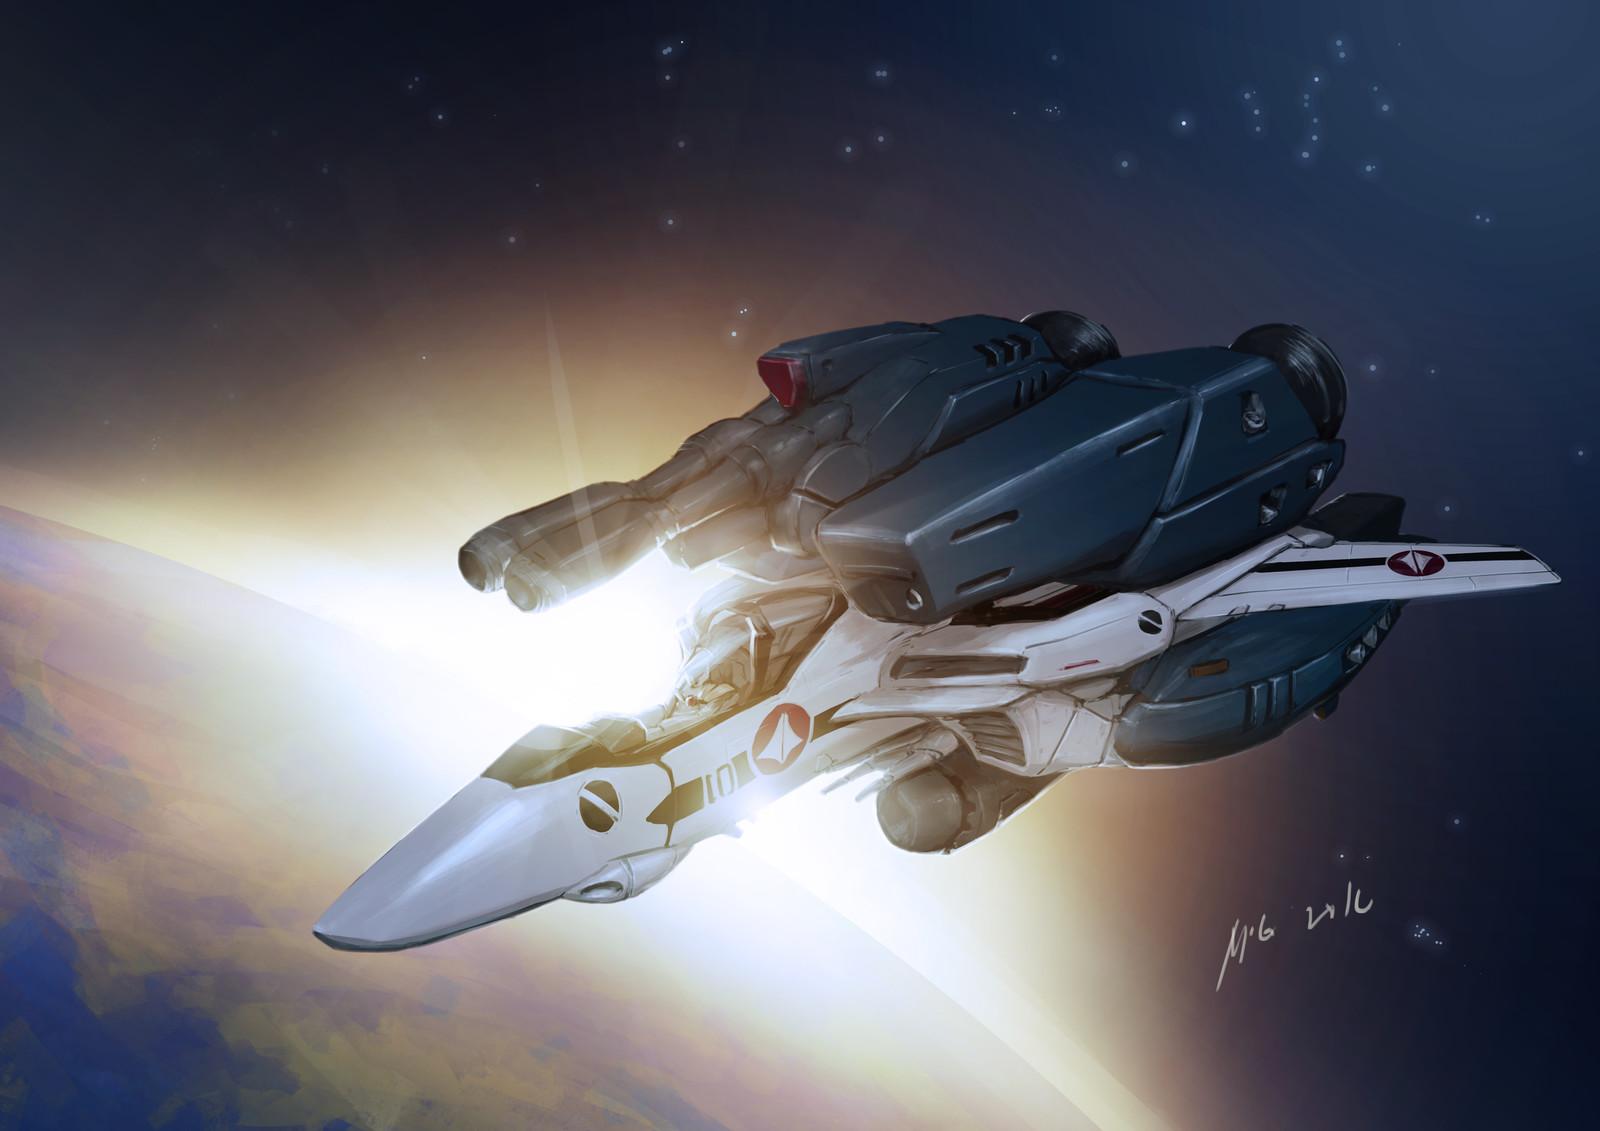 vf-1s Super Strike Valkyrie!